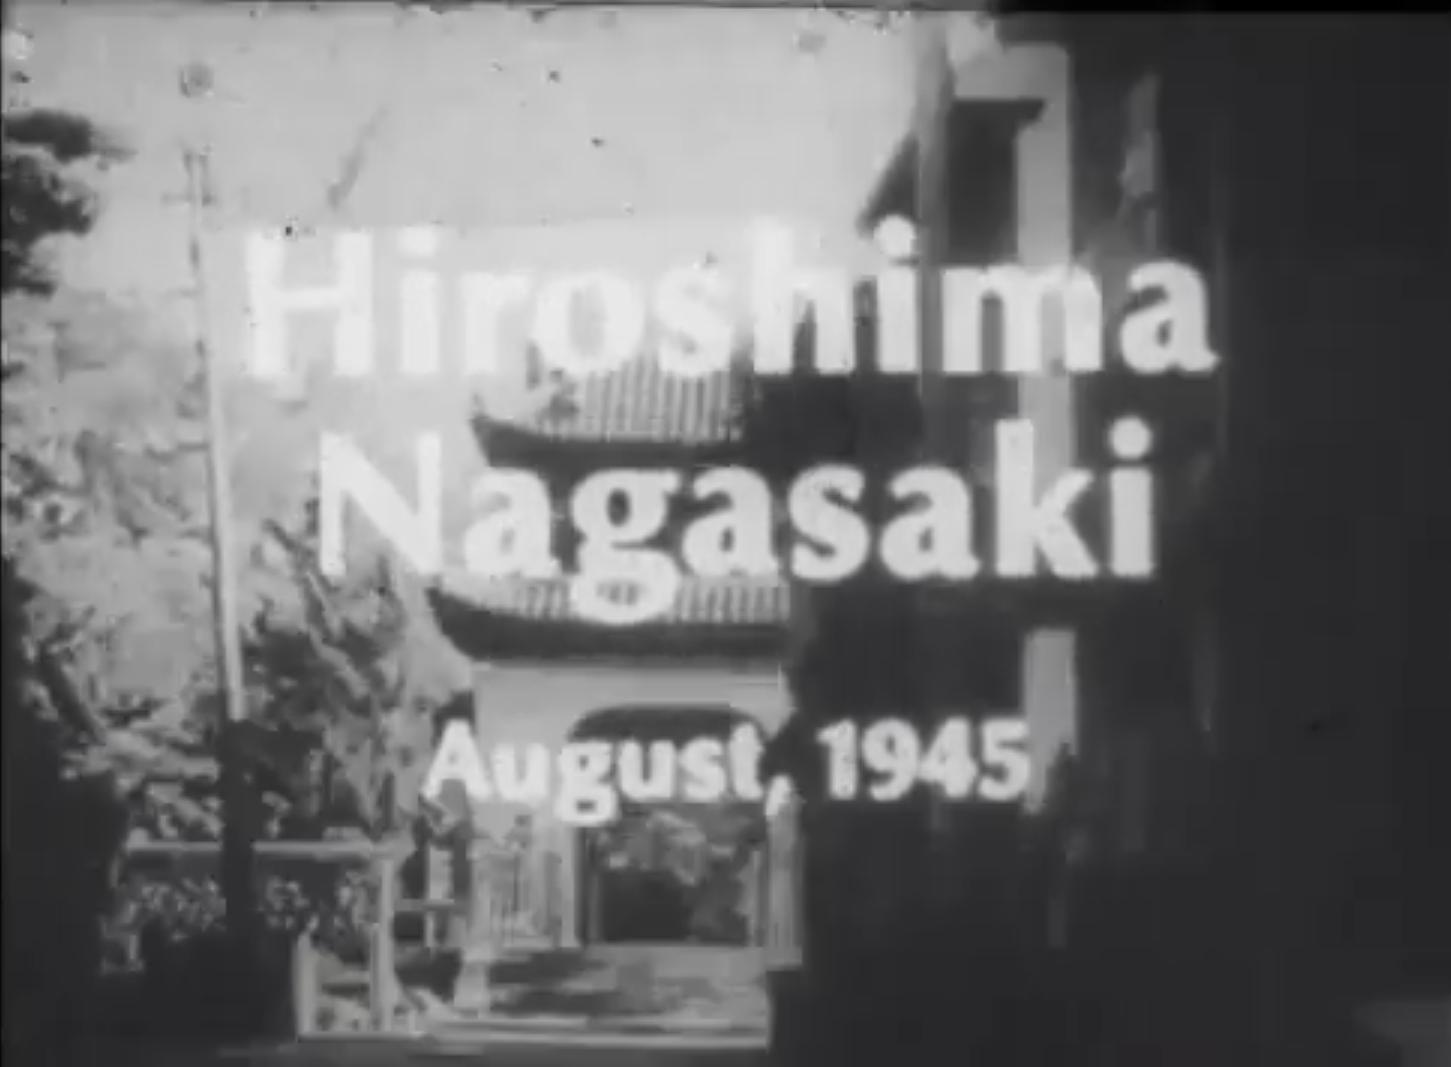 Hiroshima Nagasaki August, 1945 kapak